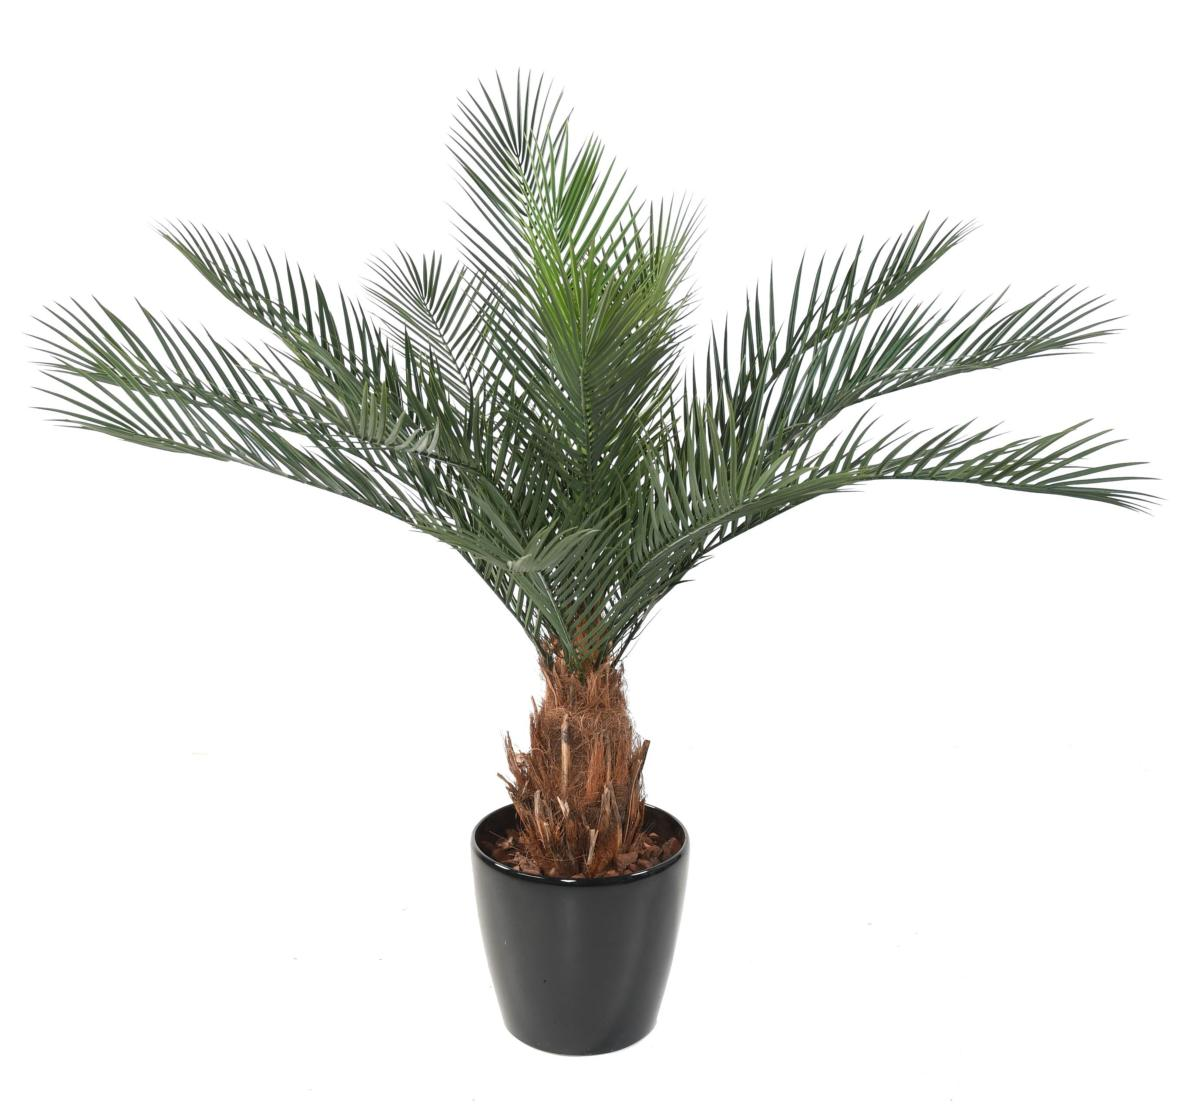 Merveilleux Palmier Artificiel Phoenix 18 Palmes   Intérieur Extérieur   H.130 Cm Vert